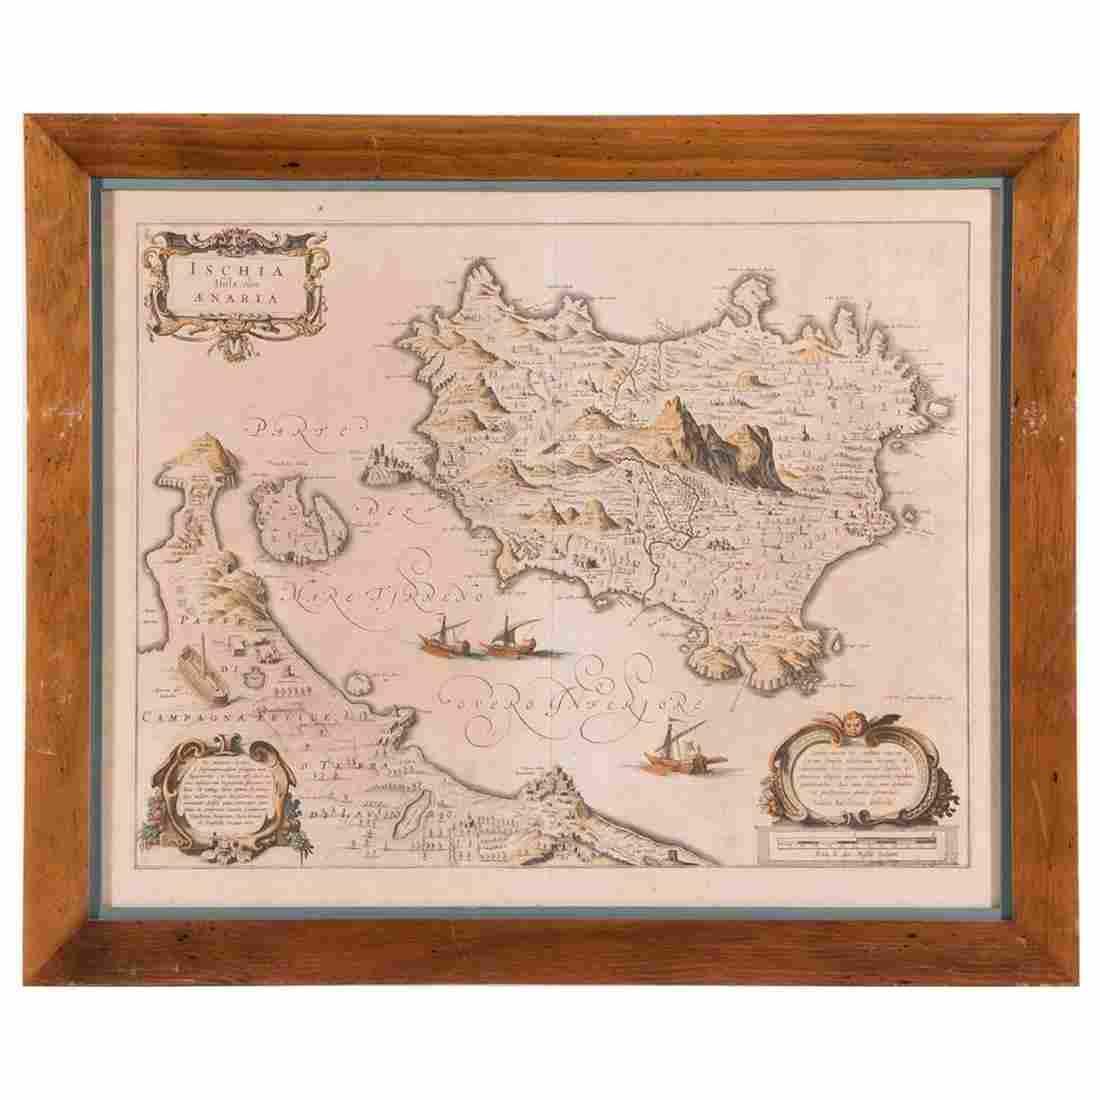 Joan BLAEU (1599-1673) Map